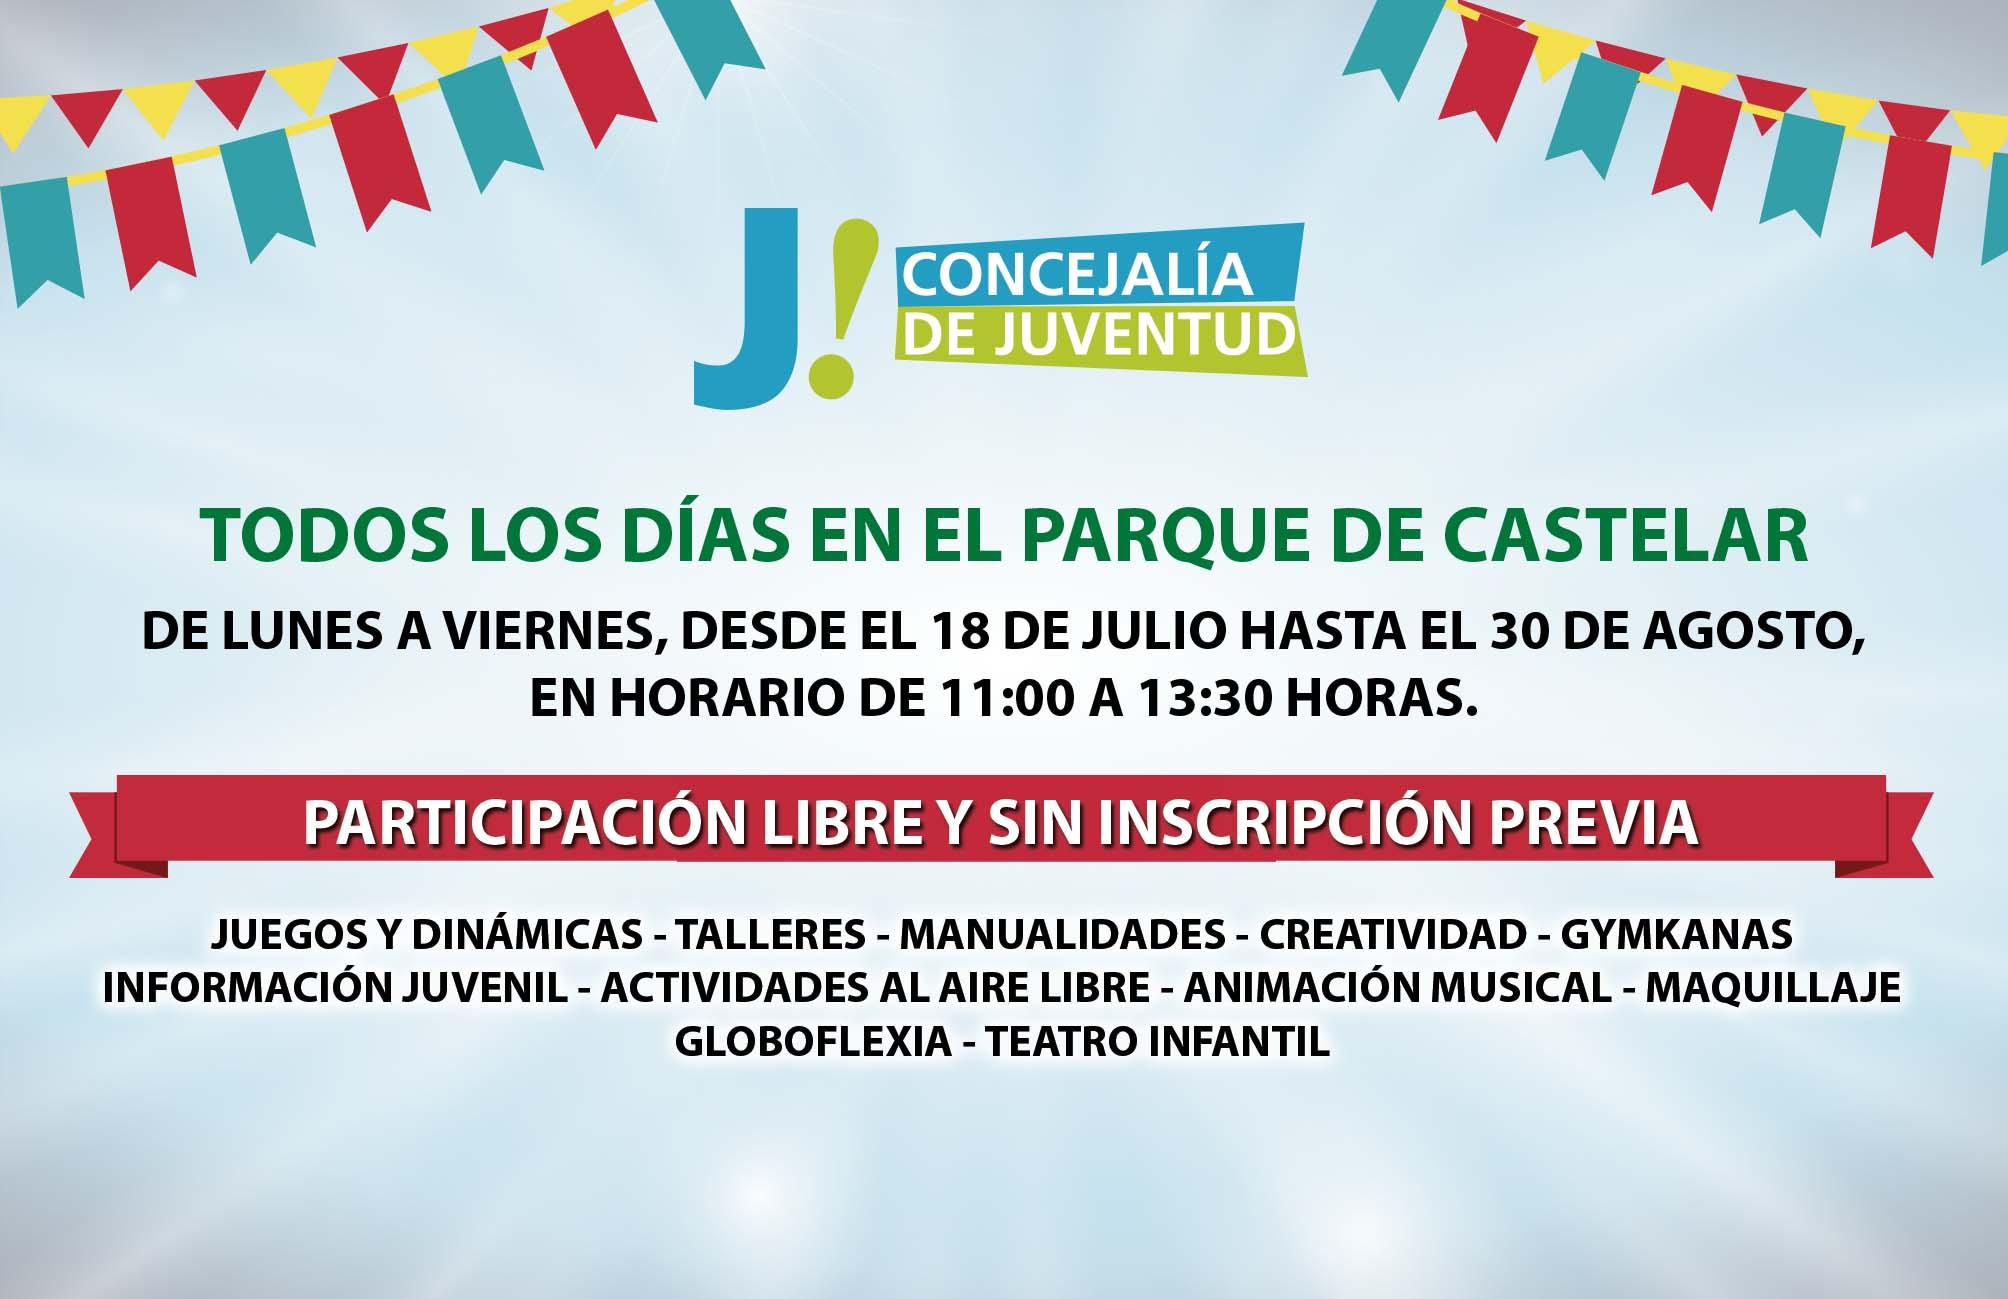 programa_vive_el_verano_2019-culba-011